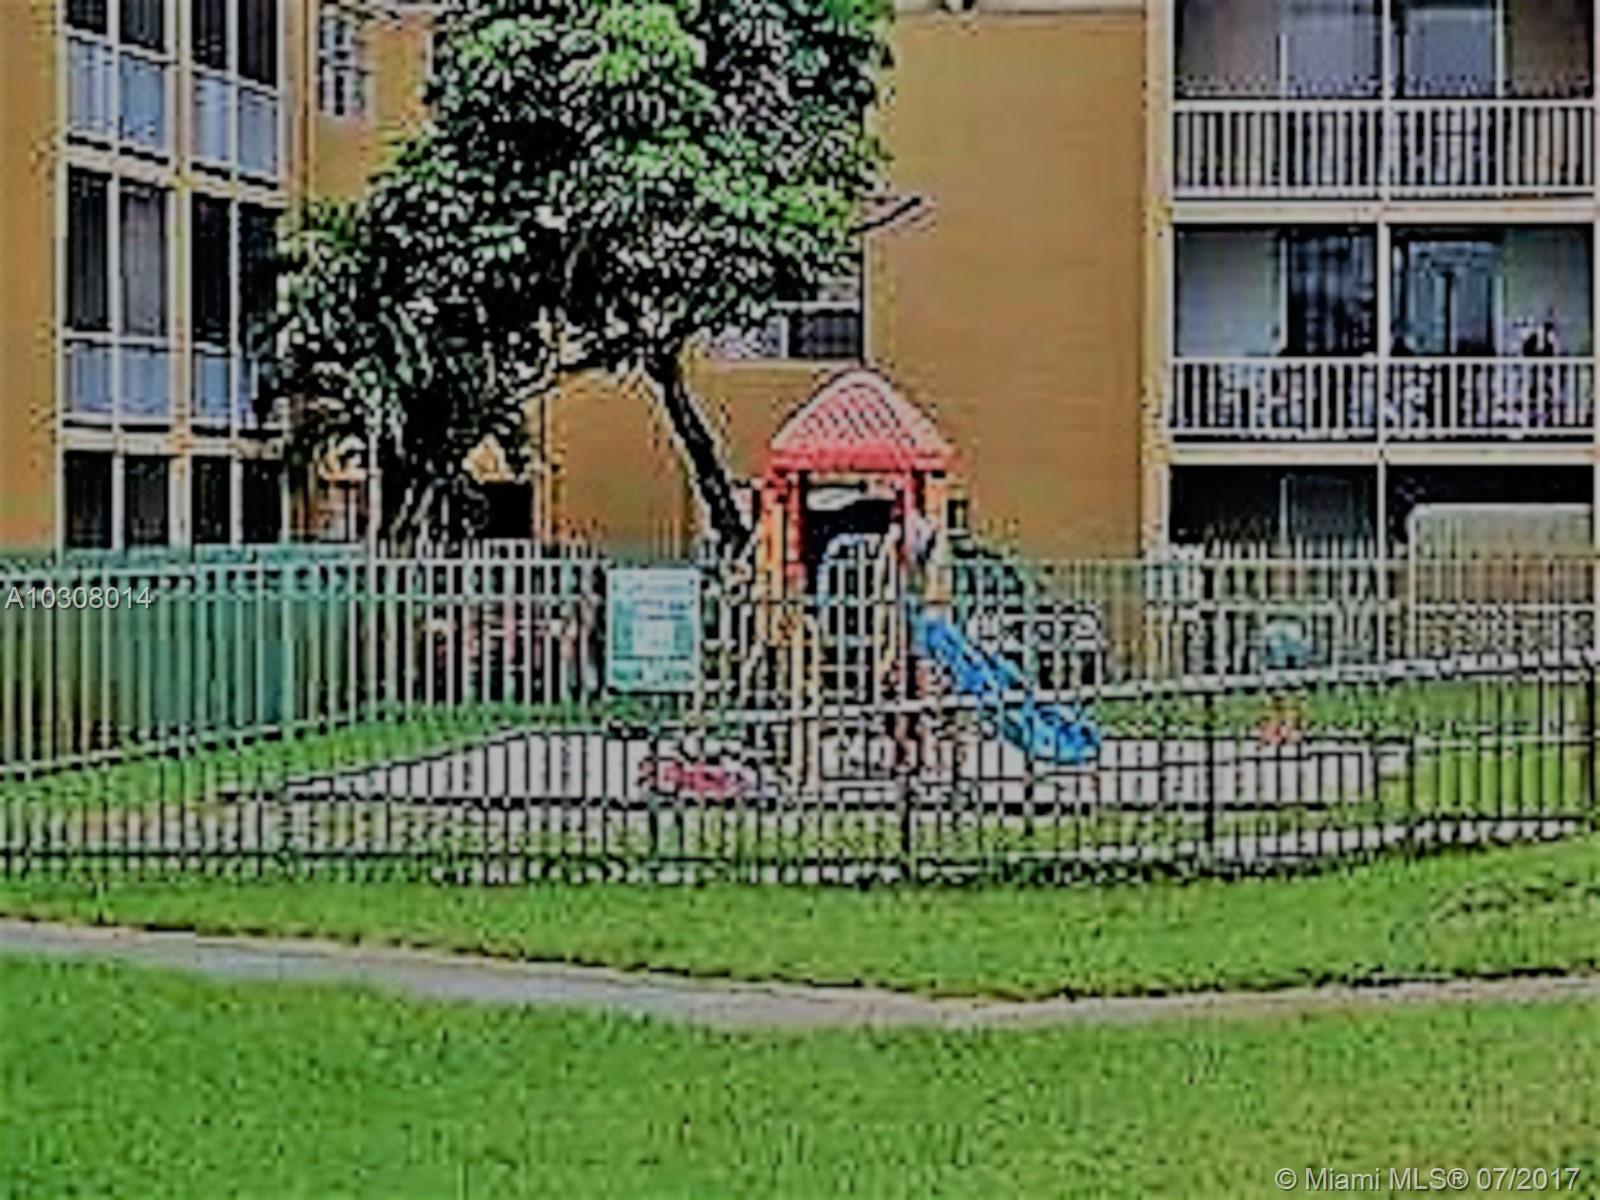 6940 NW 186th St # 1-323, Hialeah, FL 33015